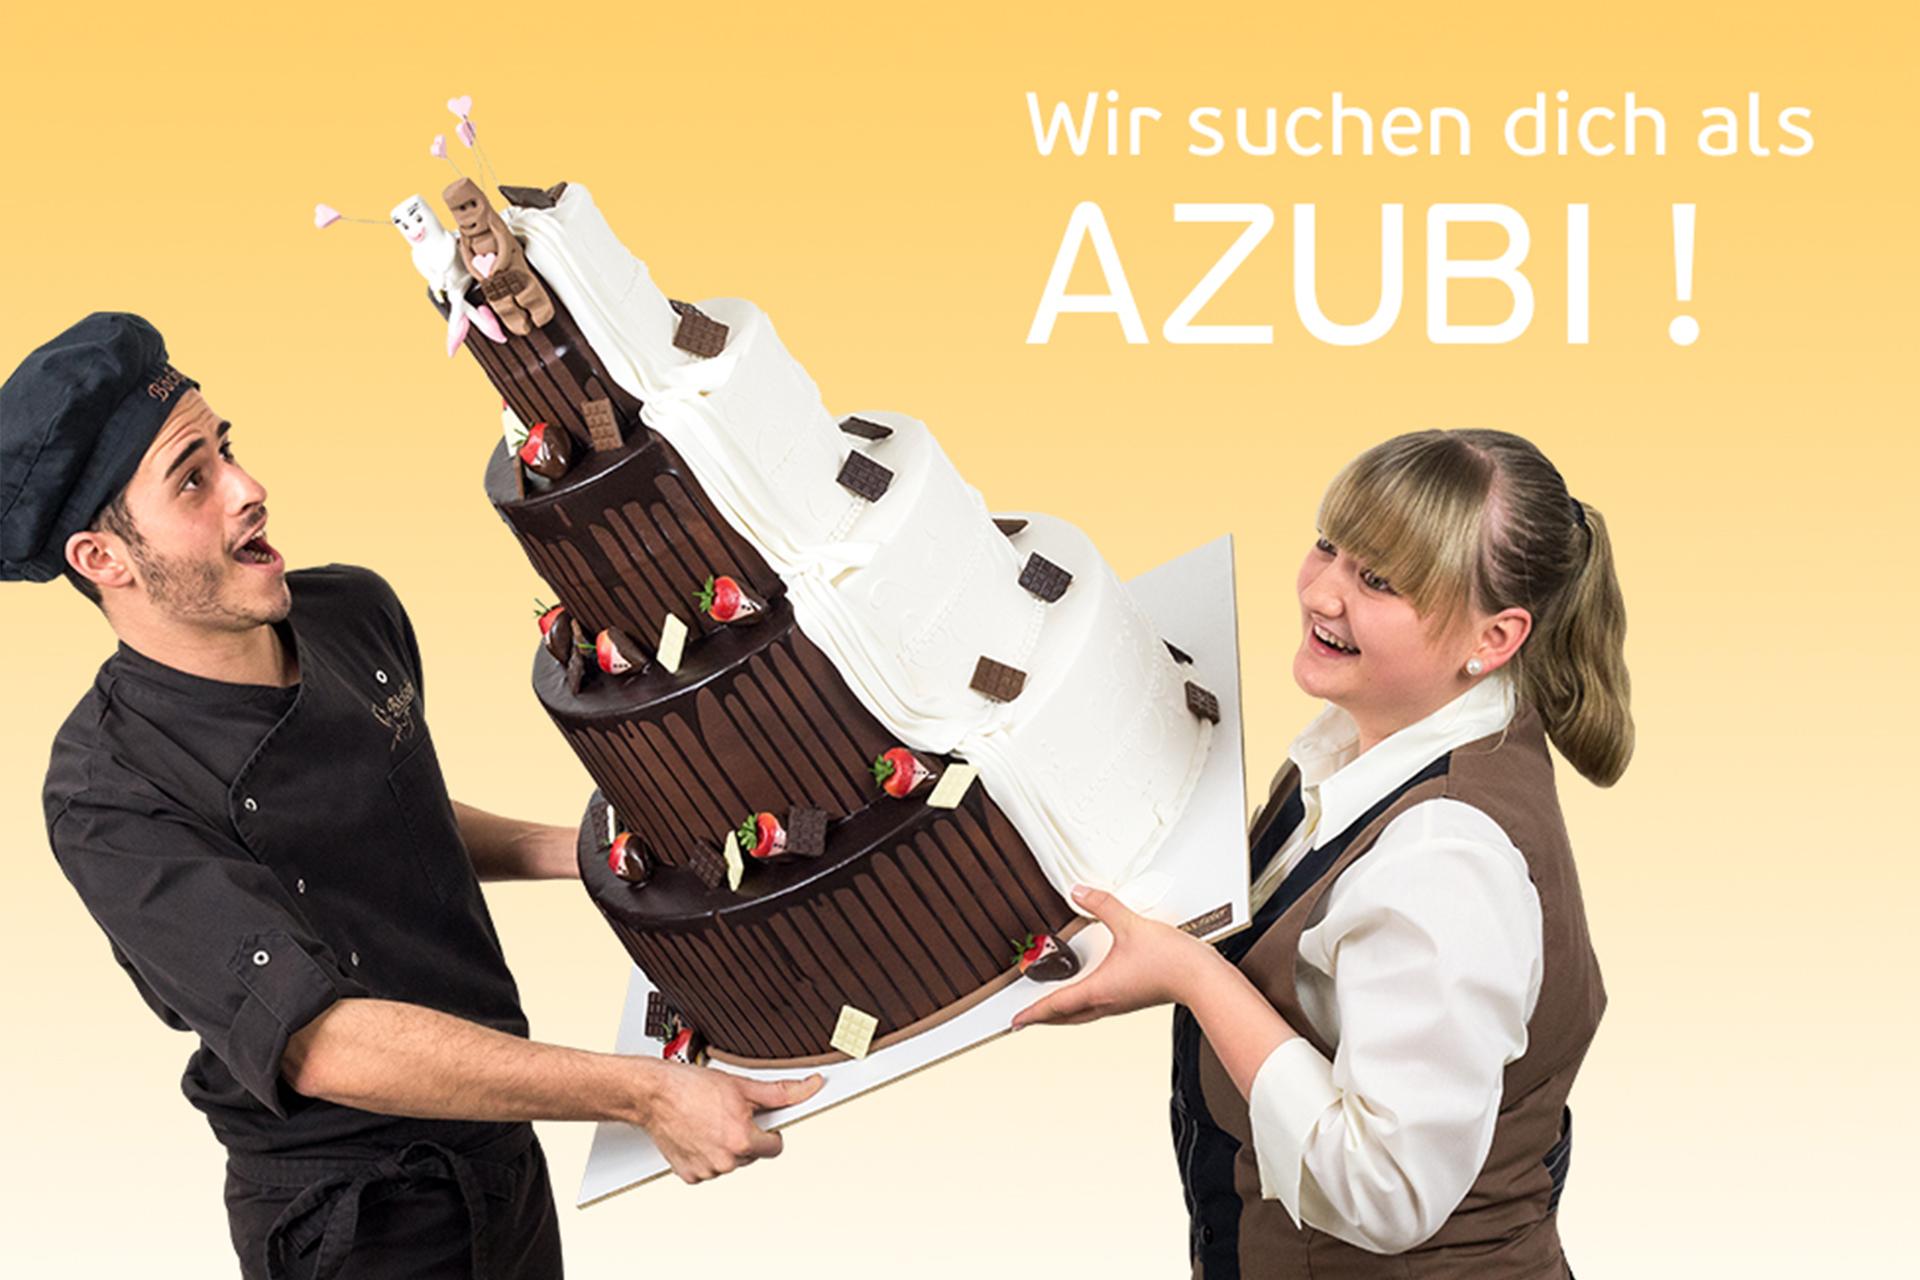 Böckeler Confiserie- und Kaffeehausbetriebe GmbH